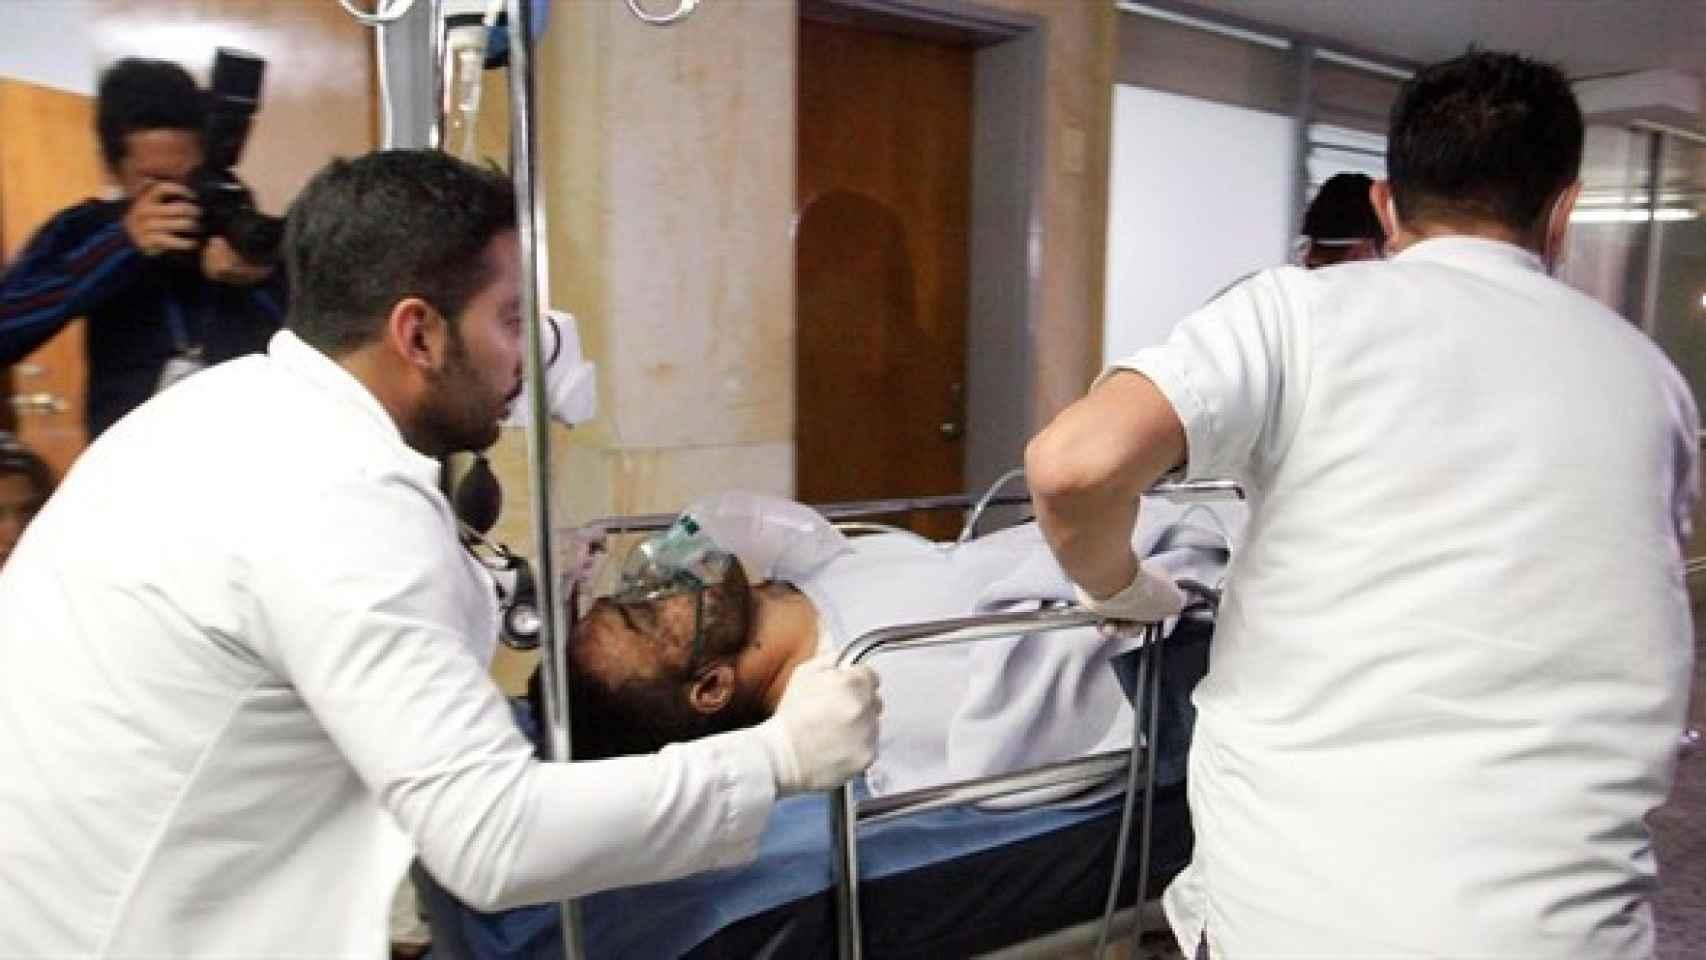 El futbolista Alan Ruschel, atendido en el hospital.